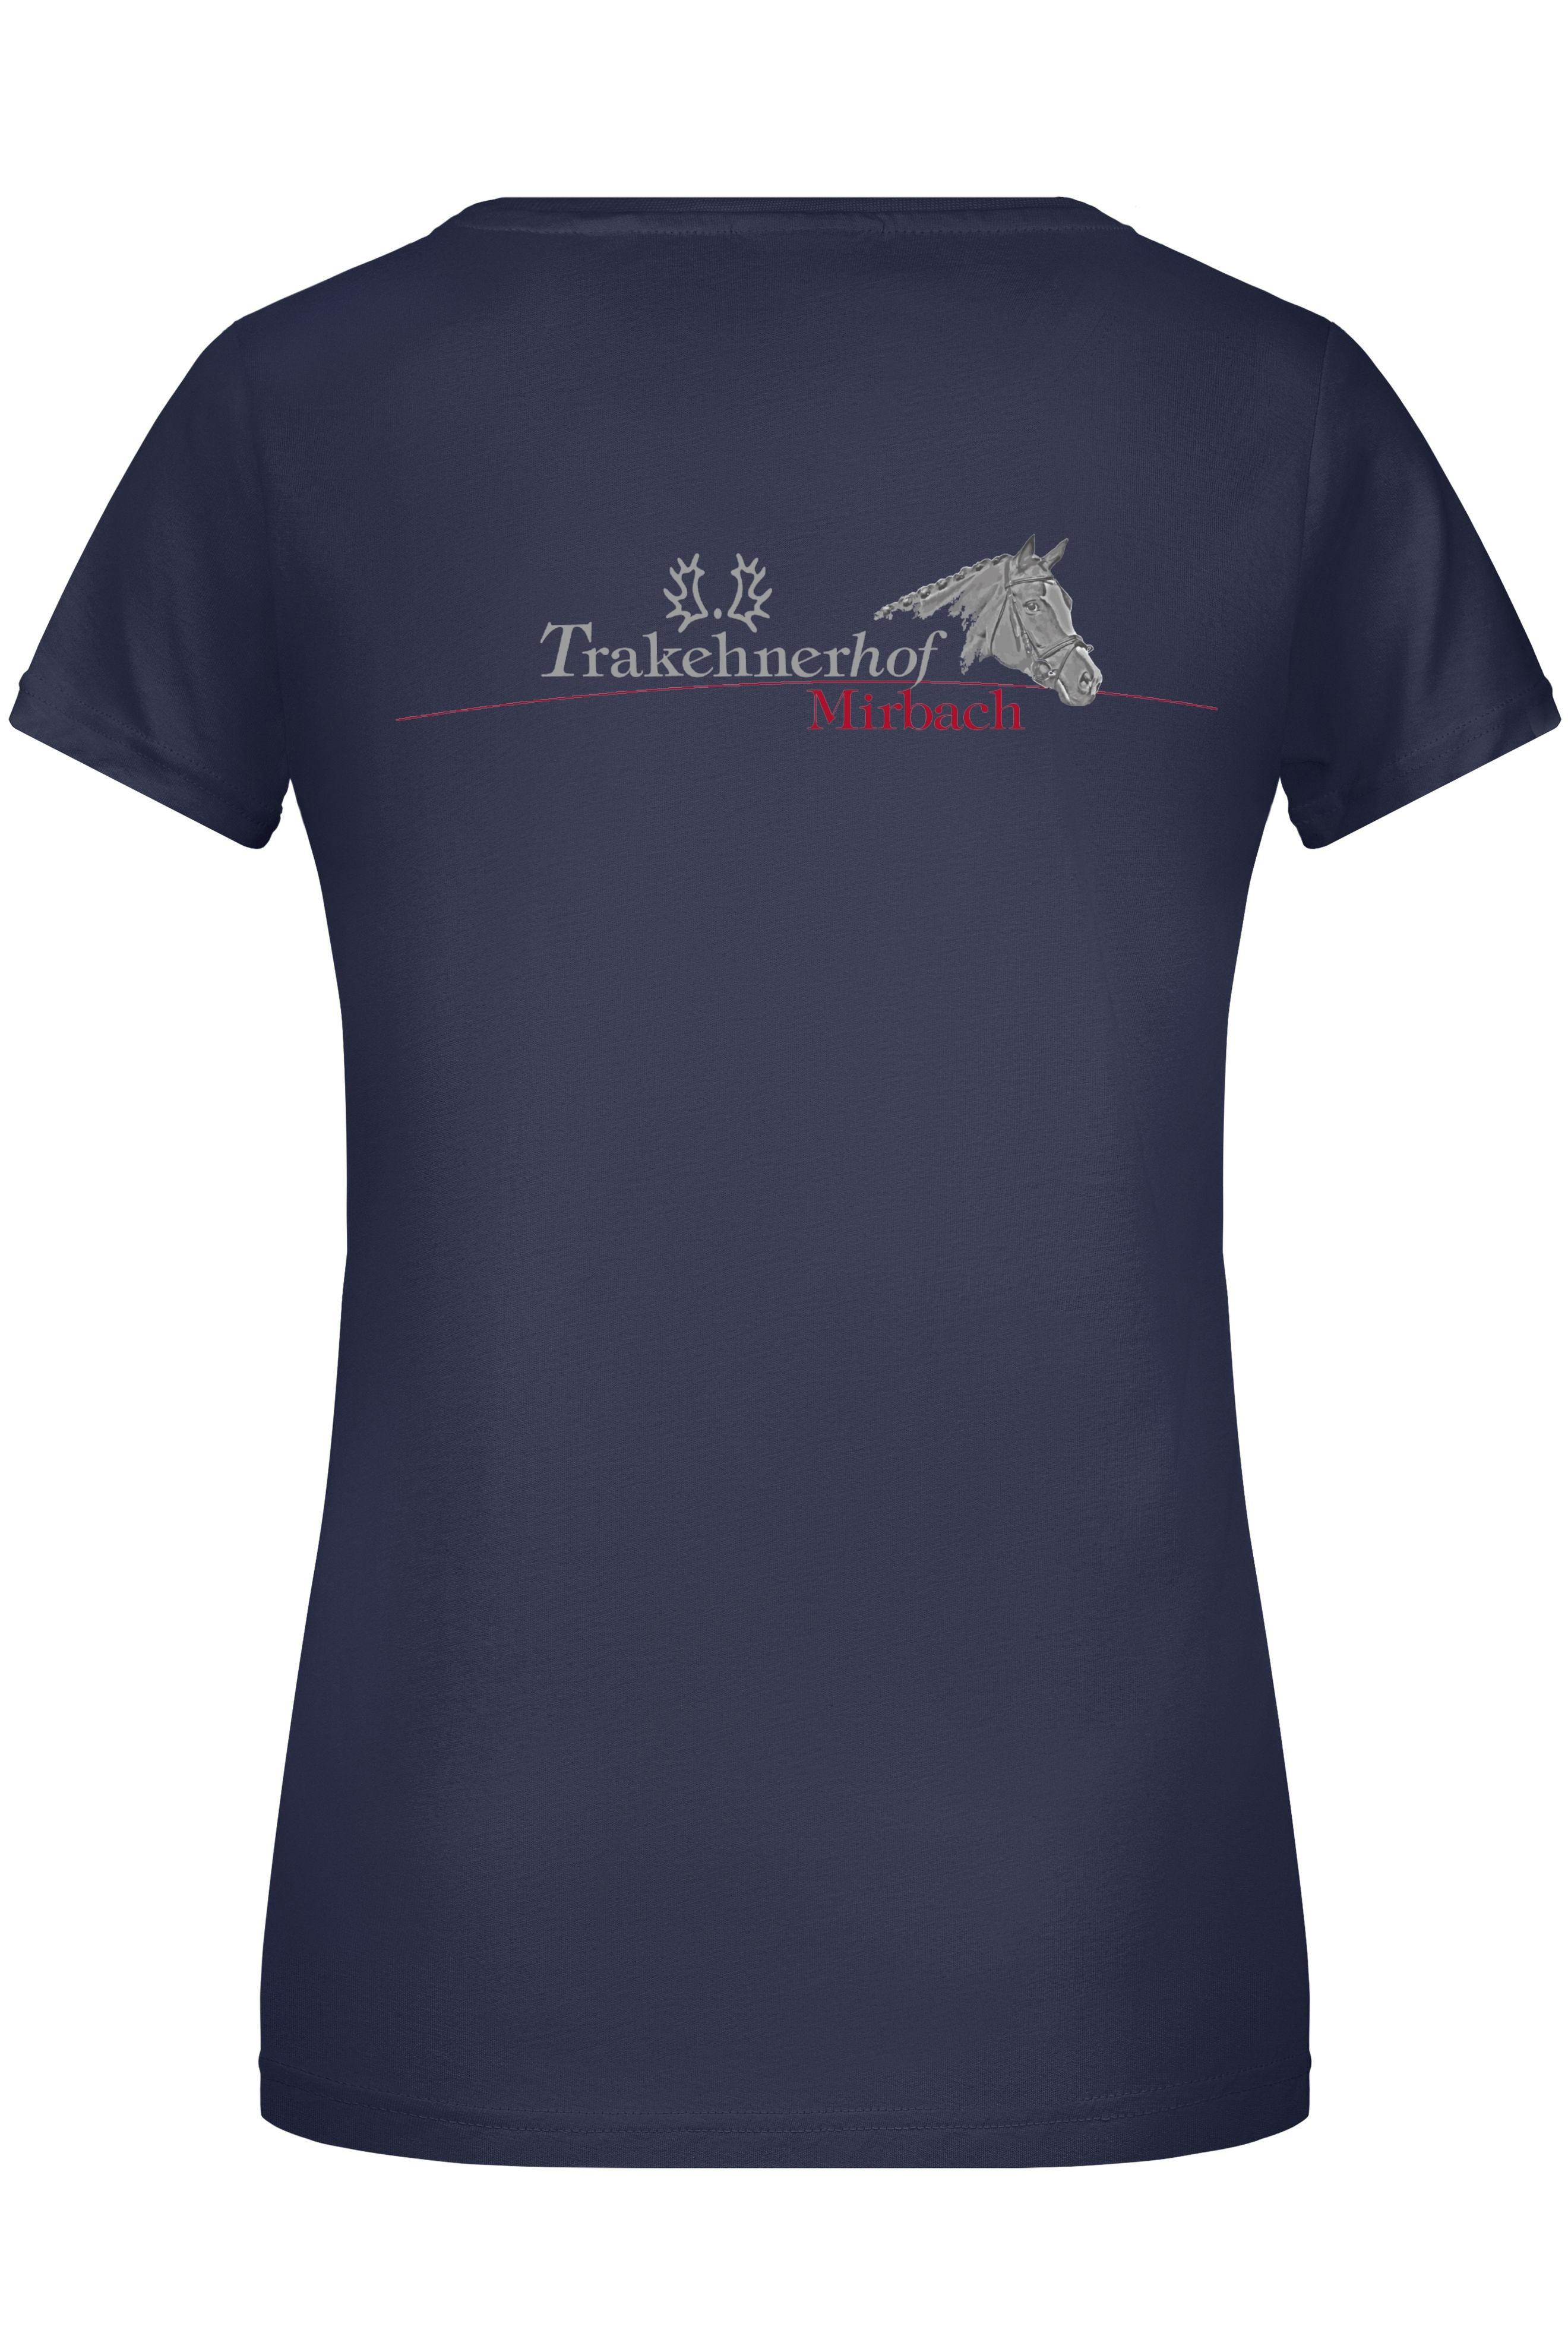 T-Shirt Damen-navy